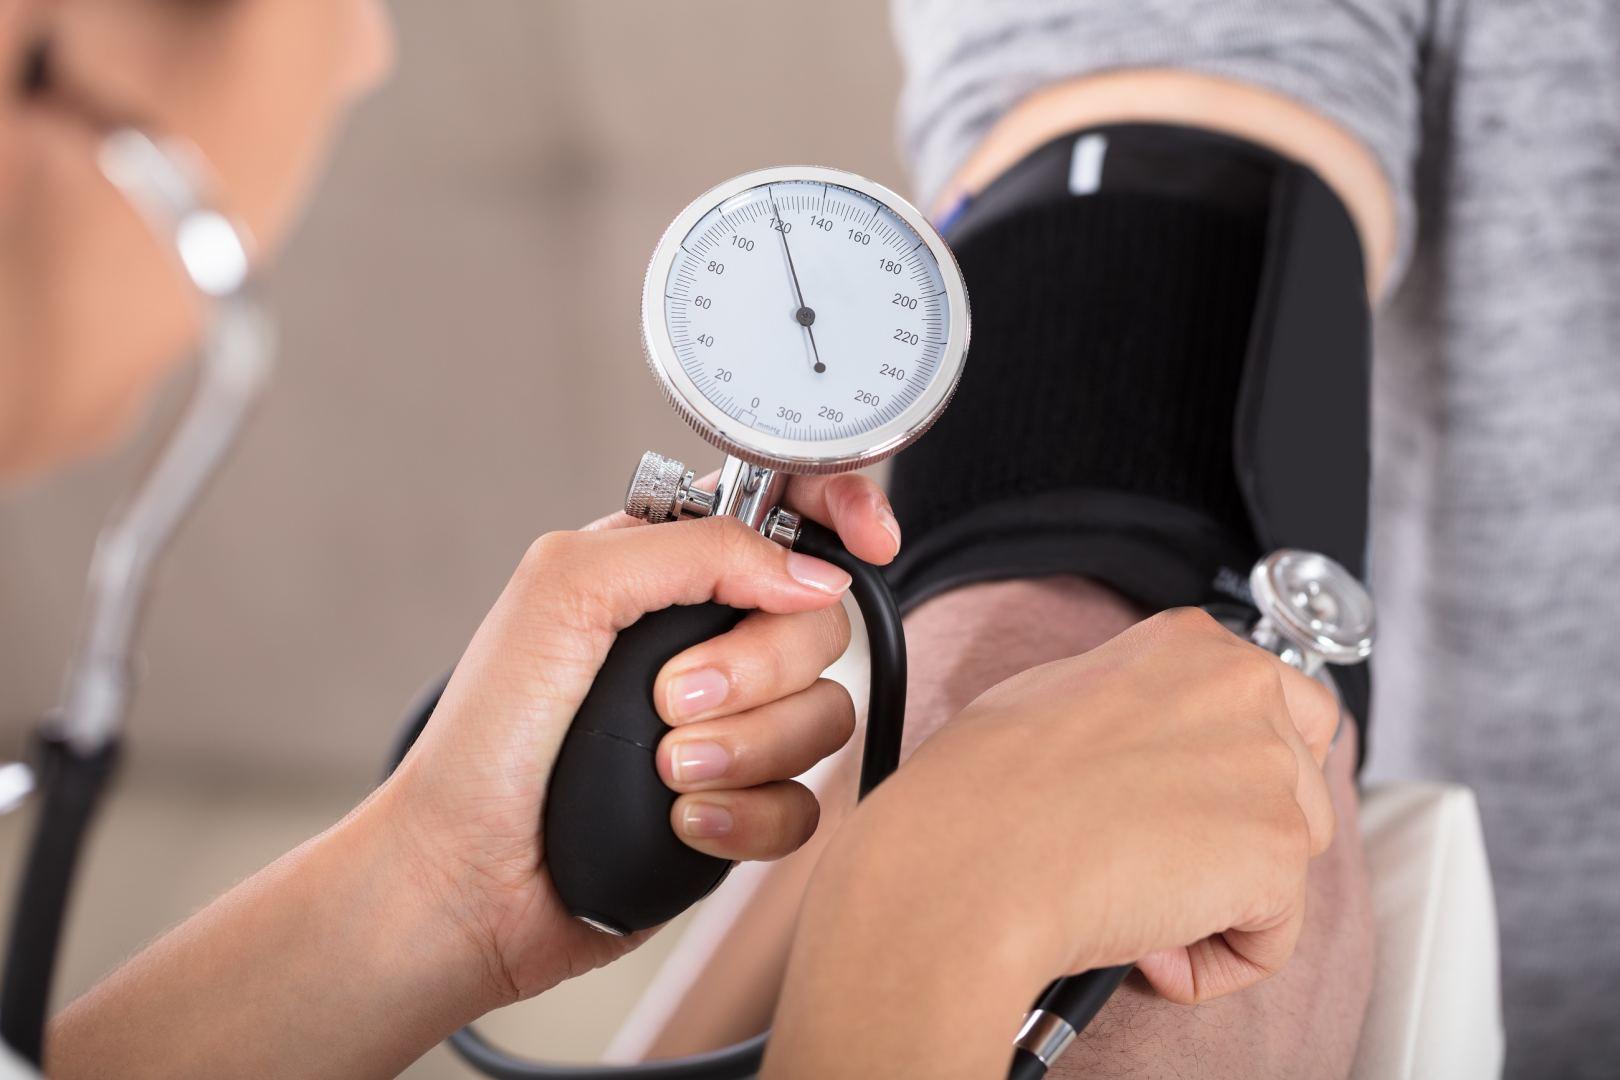 hipertenzija sportininkams širdies ligos ir netinkama mityba psichinė sveikata